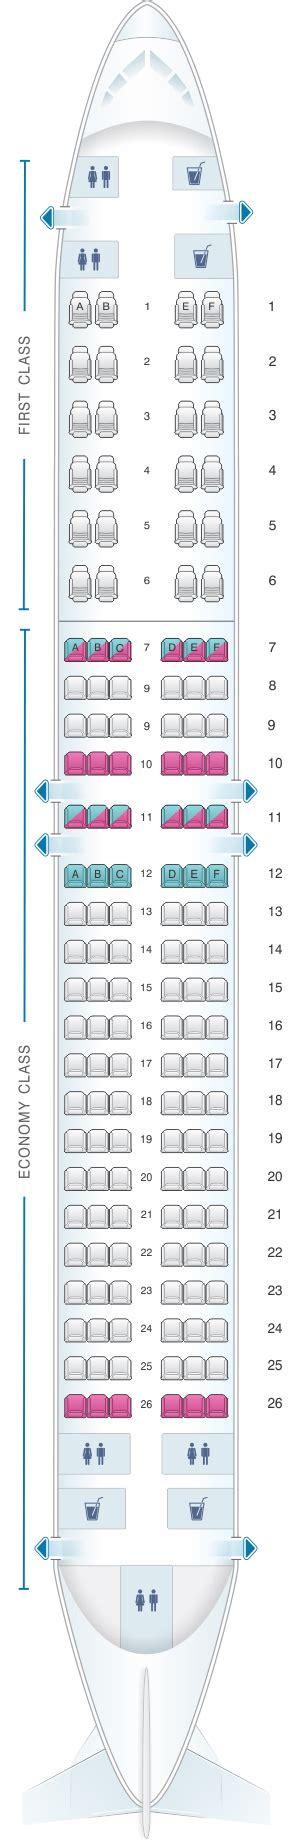 air algerie siege plan de cabine air algerie boeing b737 800 config 2